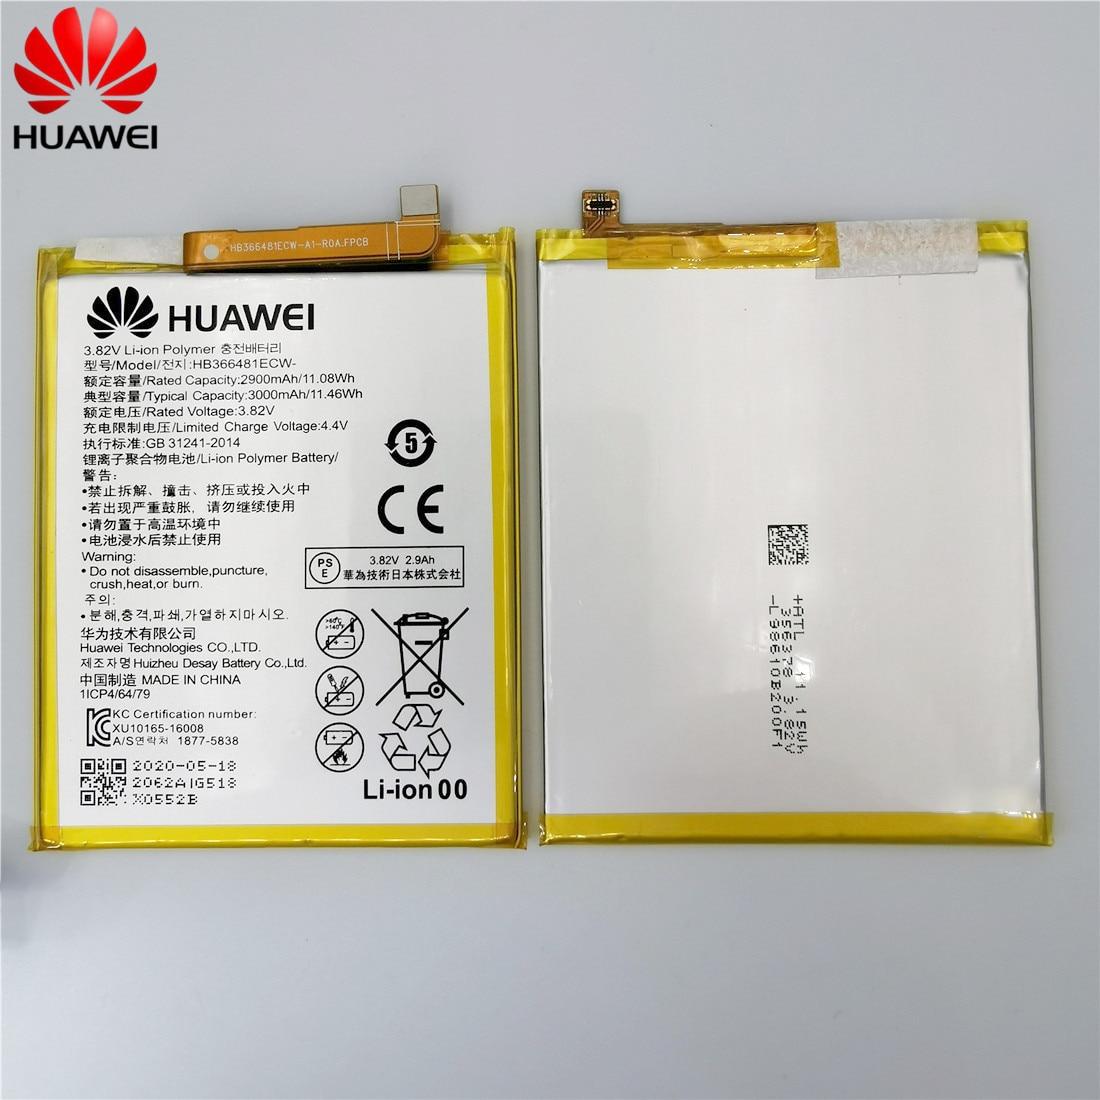 2020 original Real 3000mAh HB366481ECW For Huawei p9/p9 lite/honor 8/p10 lite/p8 lite 2017 /p20 lite/p9lite battery +Tool 6